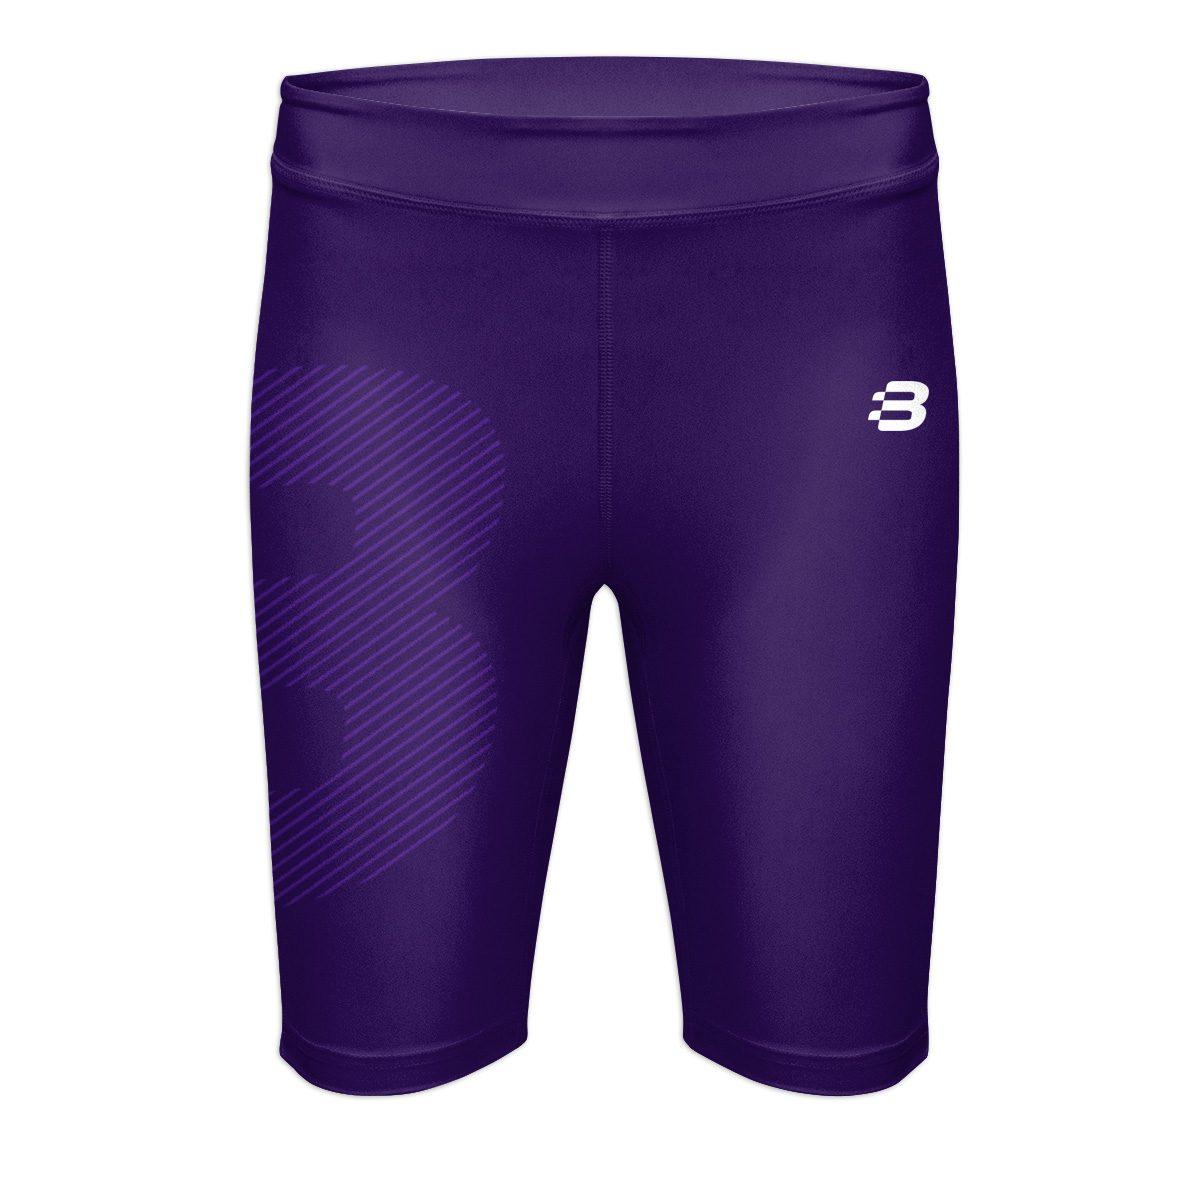 Ladies Compression Shorts - Dark Purple